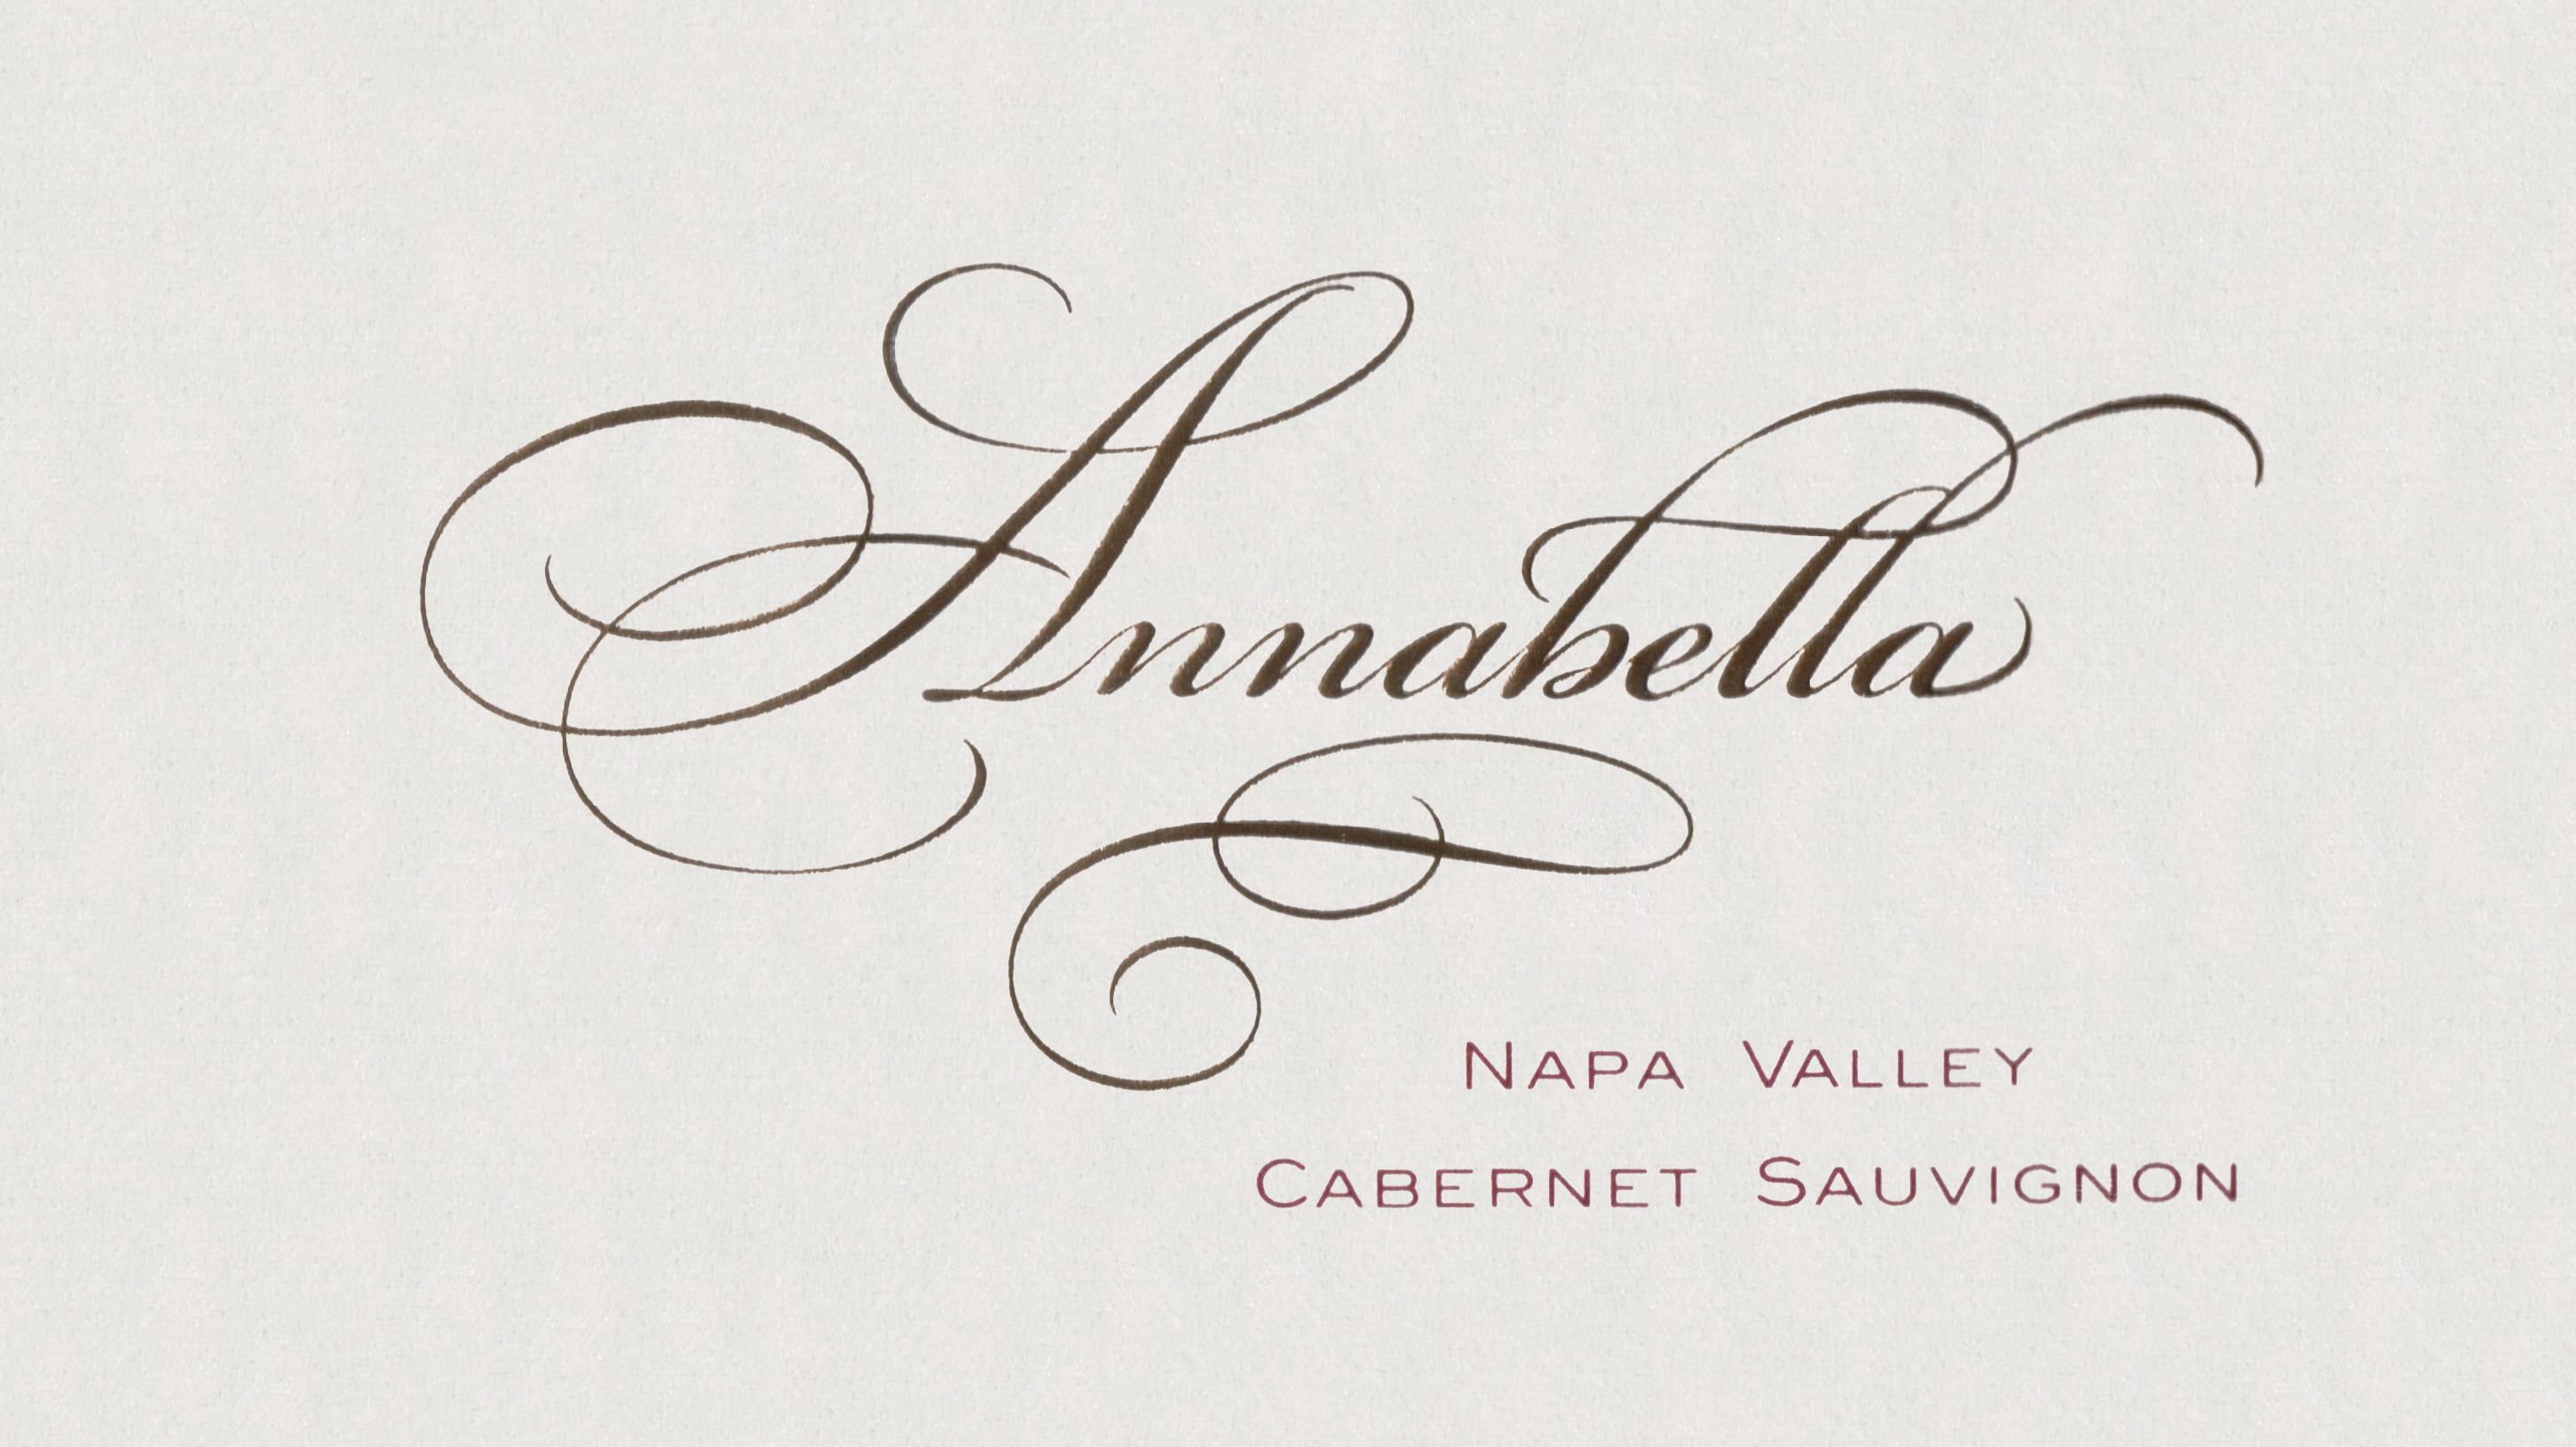 Annabella Cabernet Sauvignon 2018